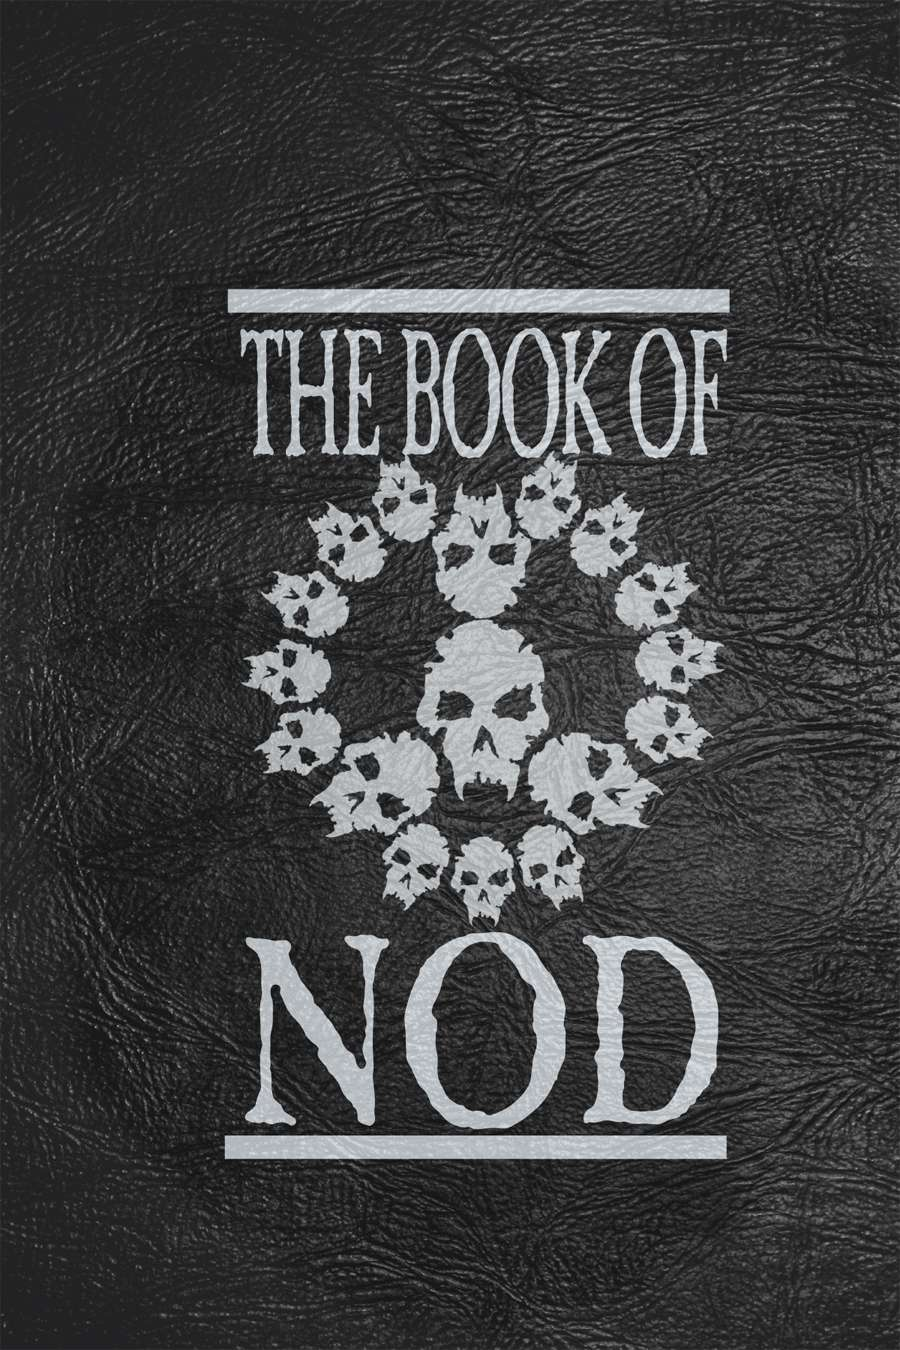 Book of Nod